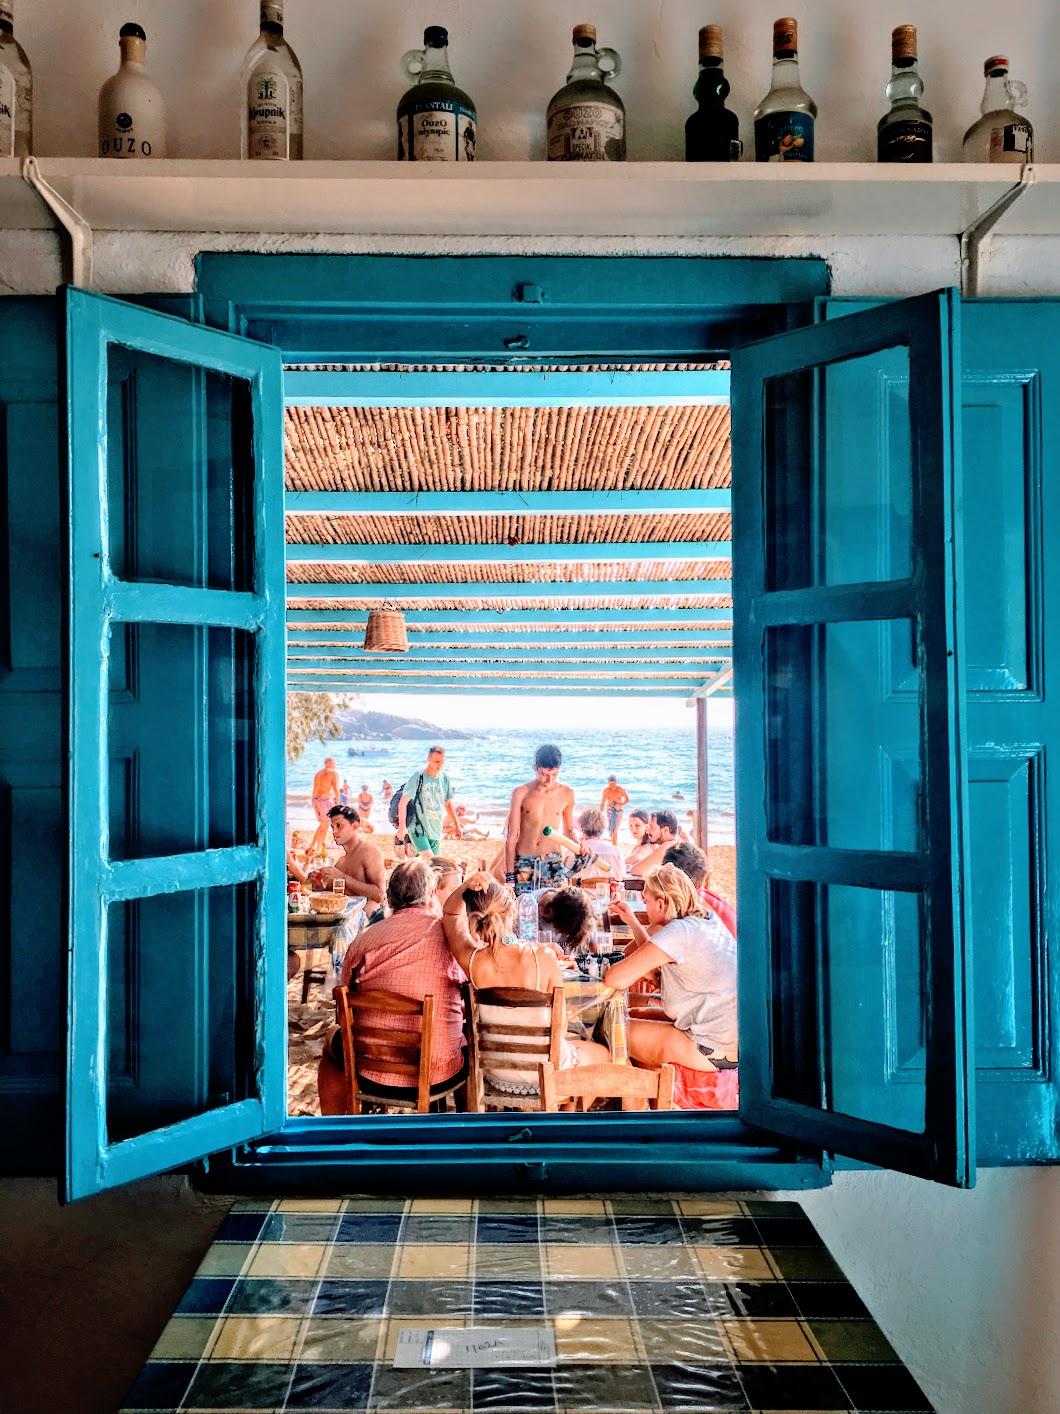 Travel Food People - Psili Ammos, Patmos